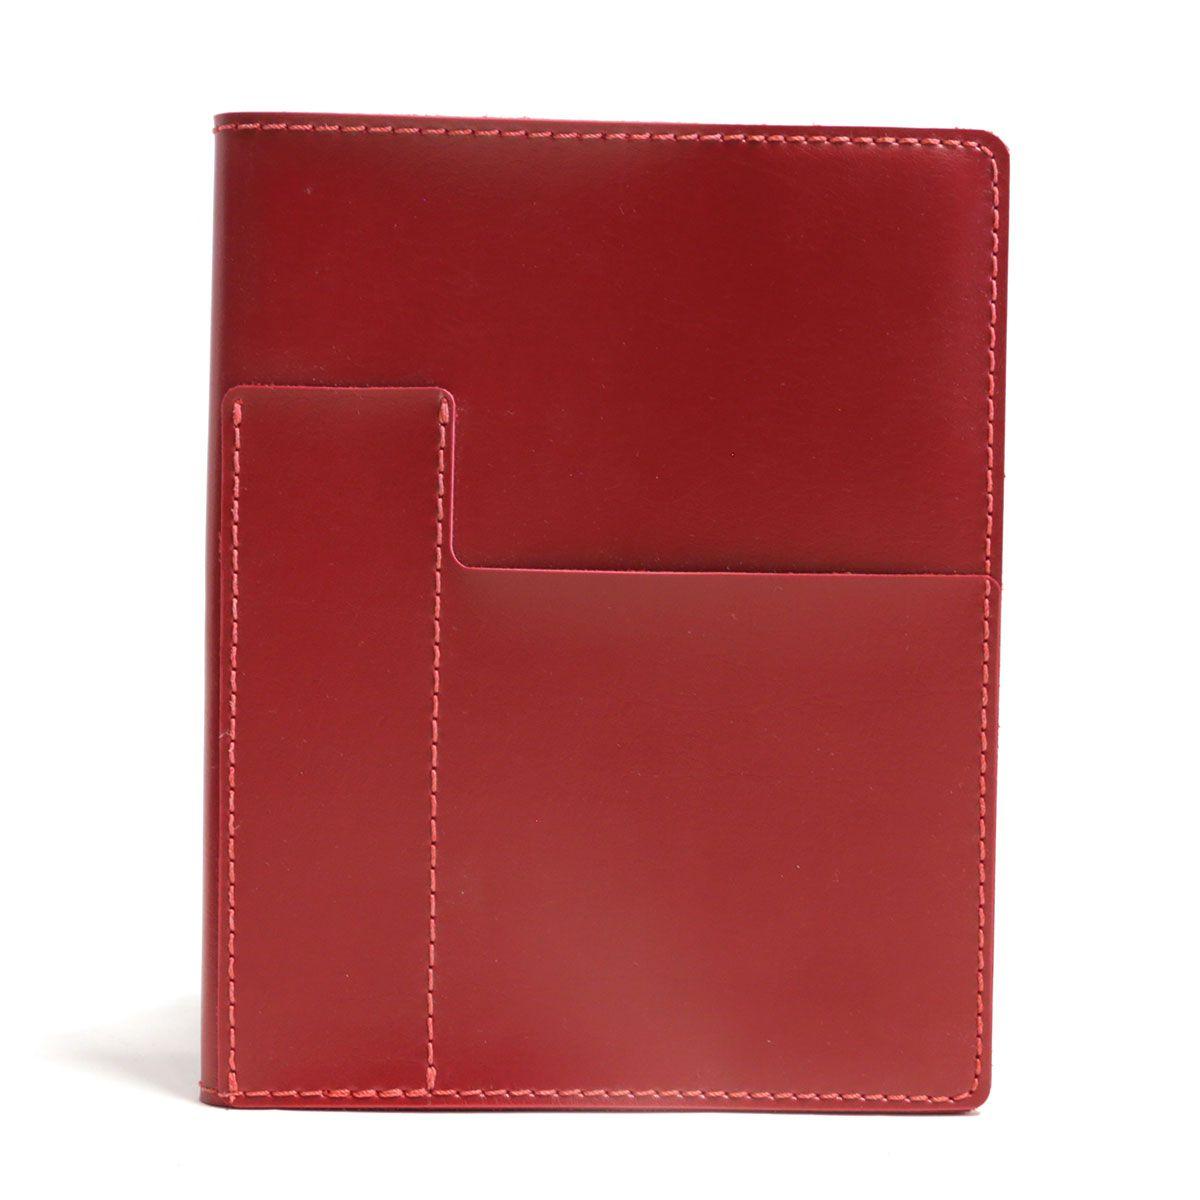 Caderno com sobrecapa (Montana Vermelho)